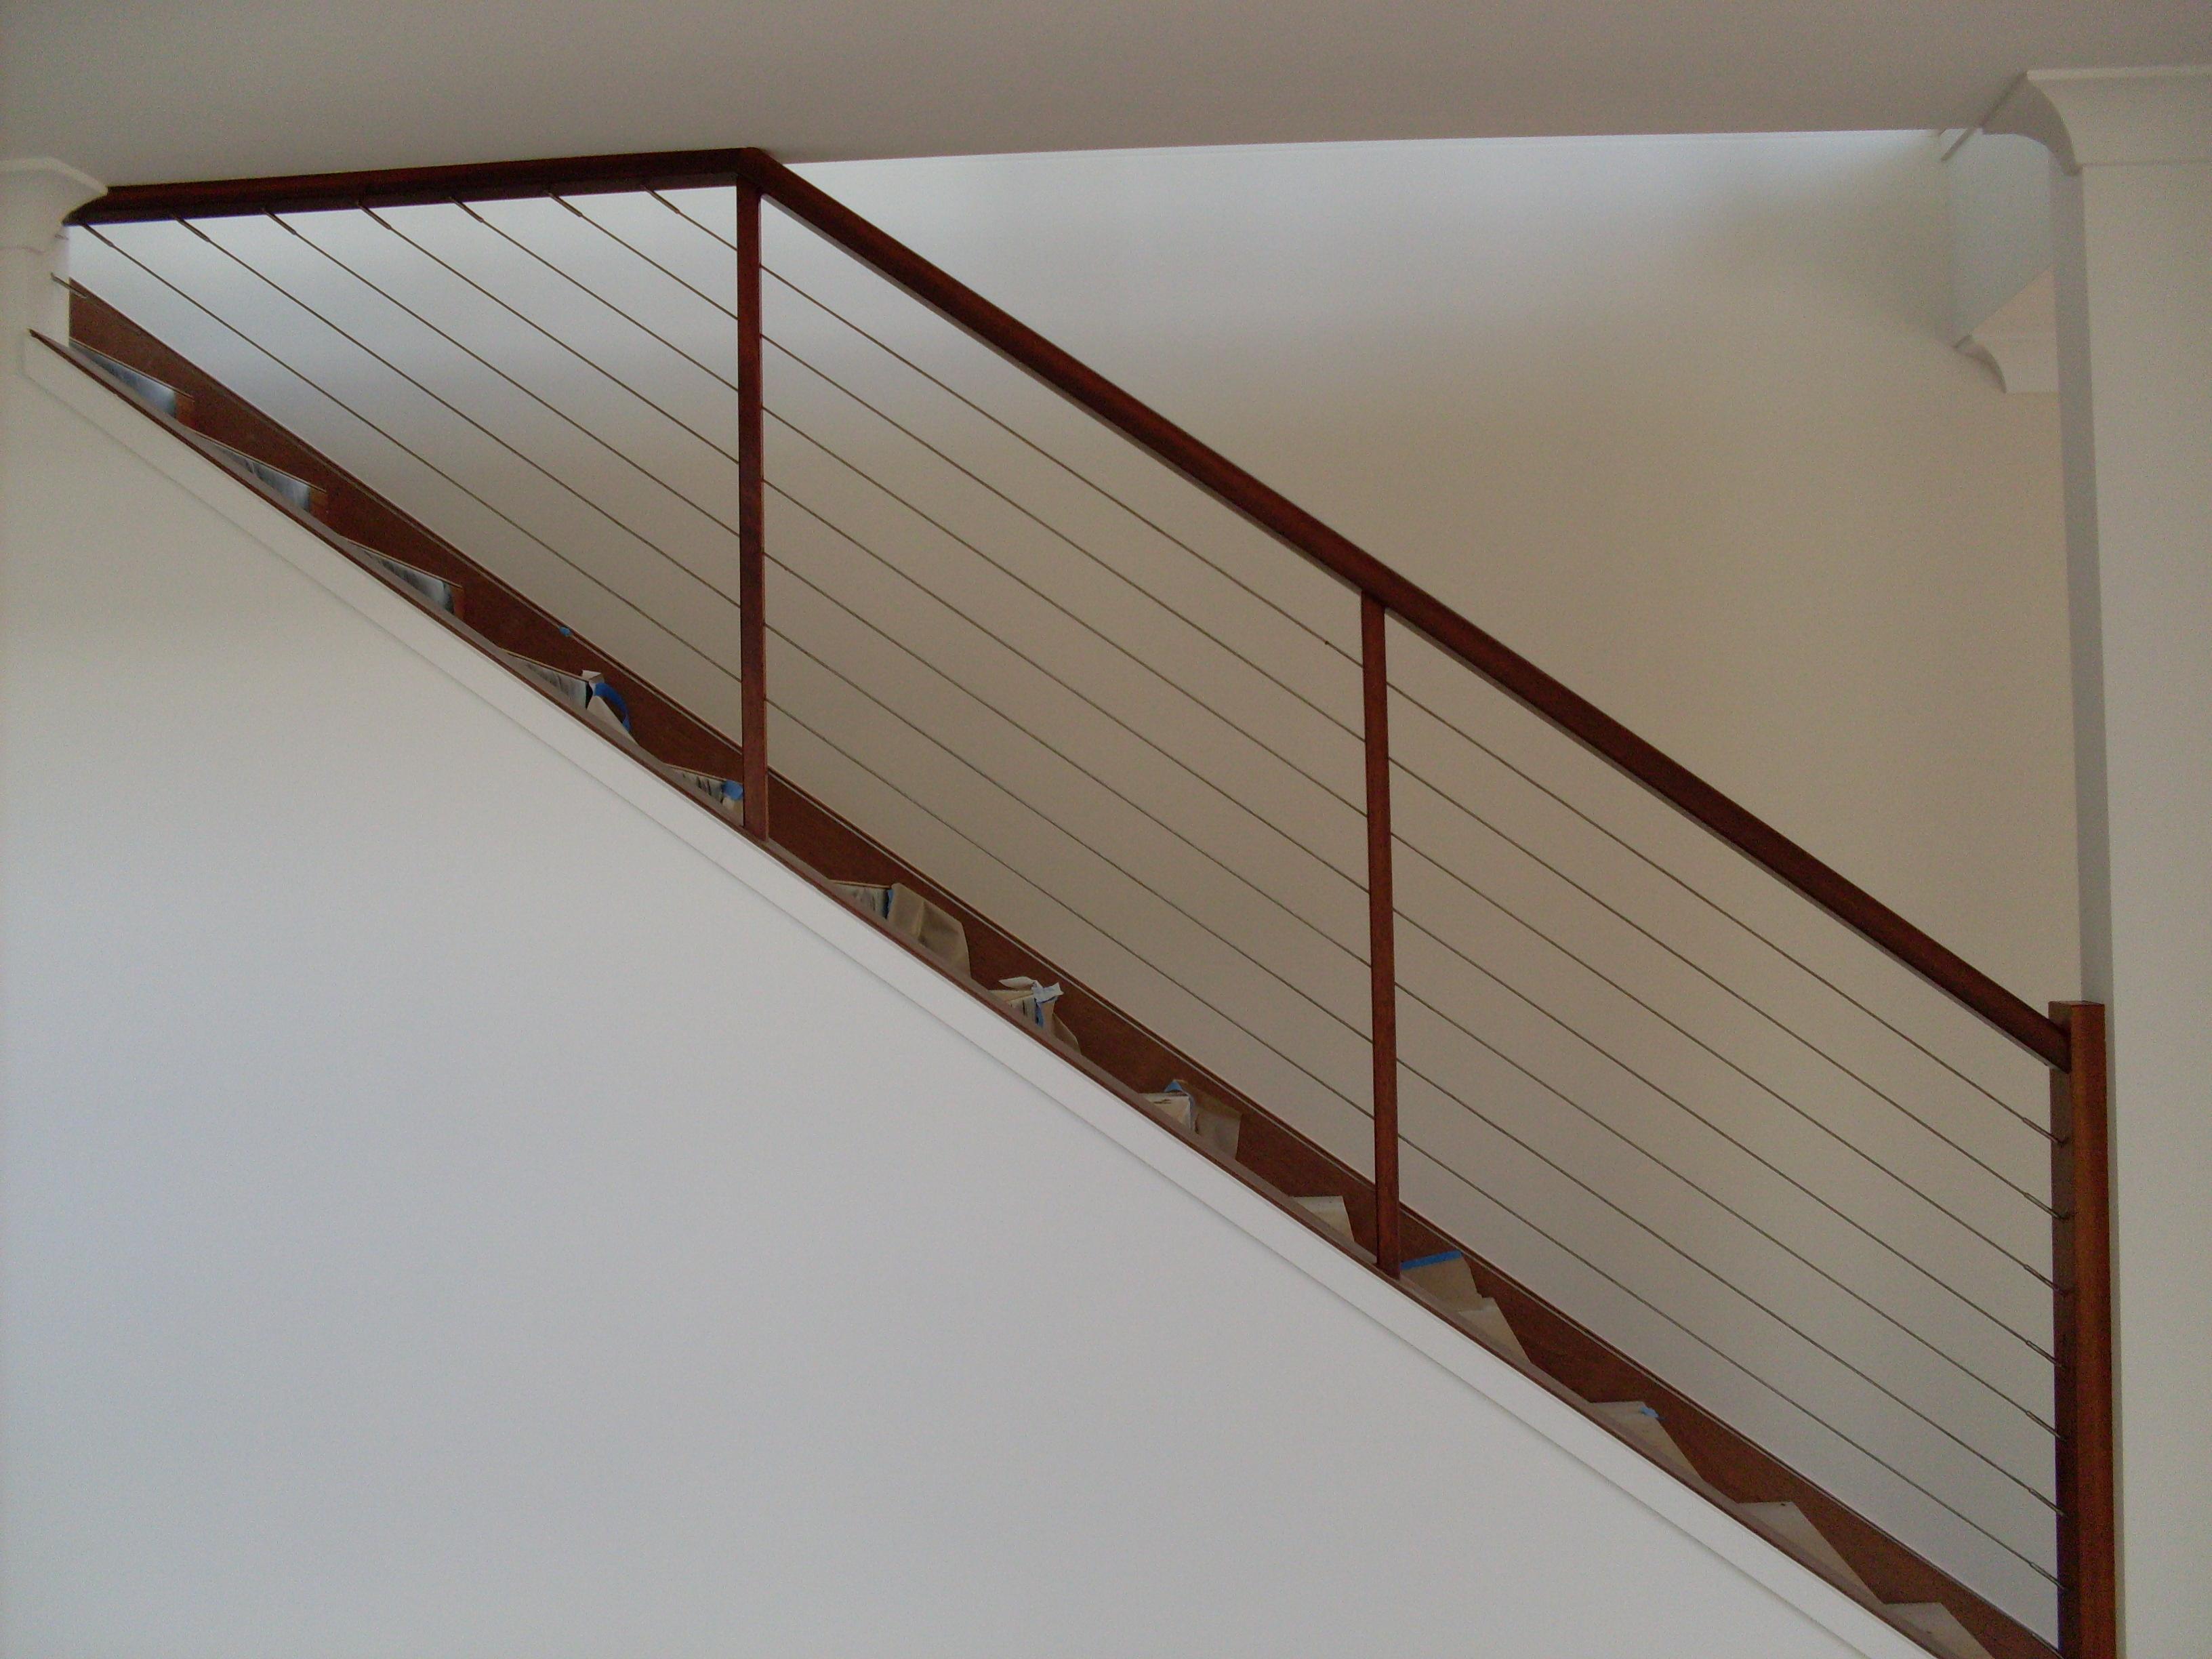 Diminshing wire balustrade